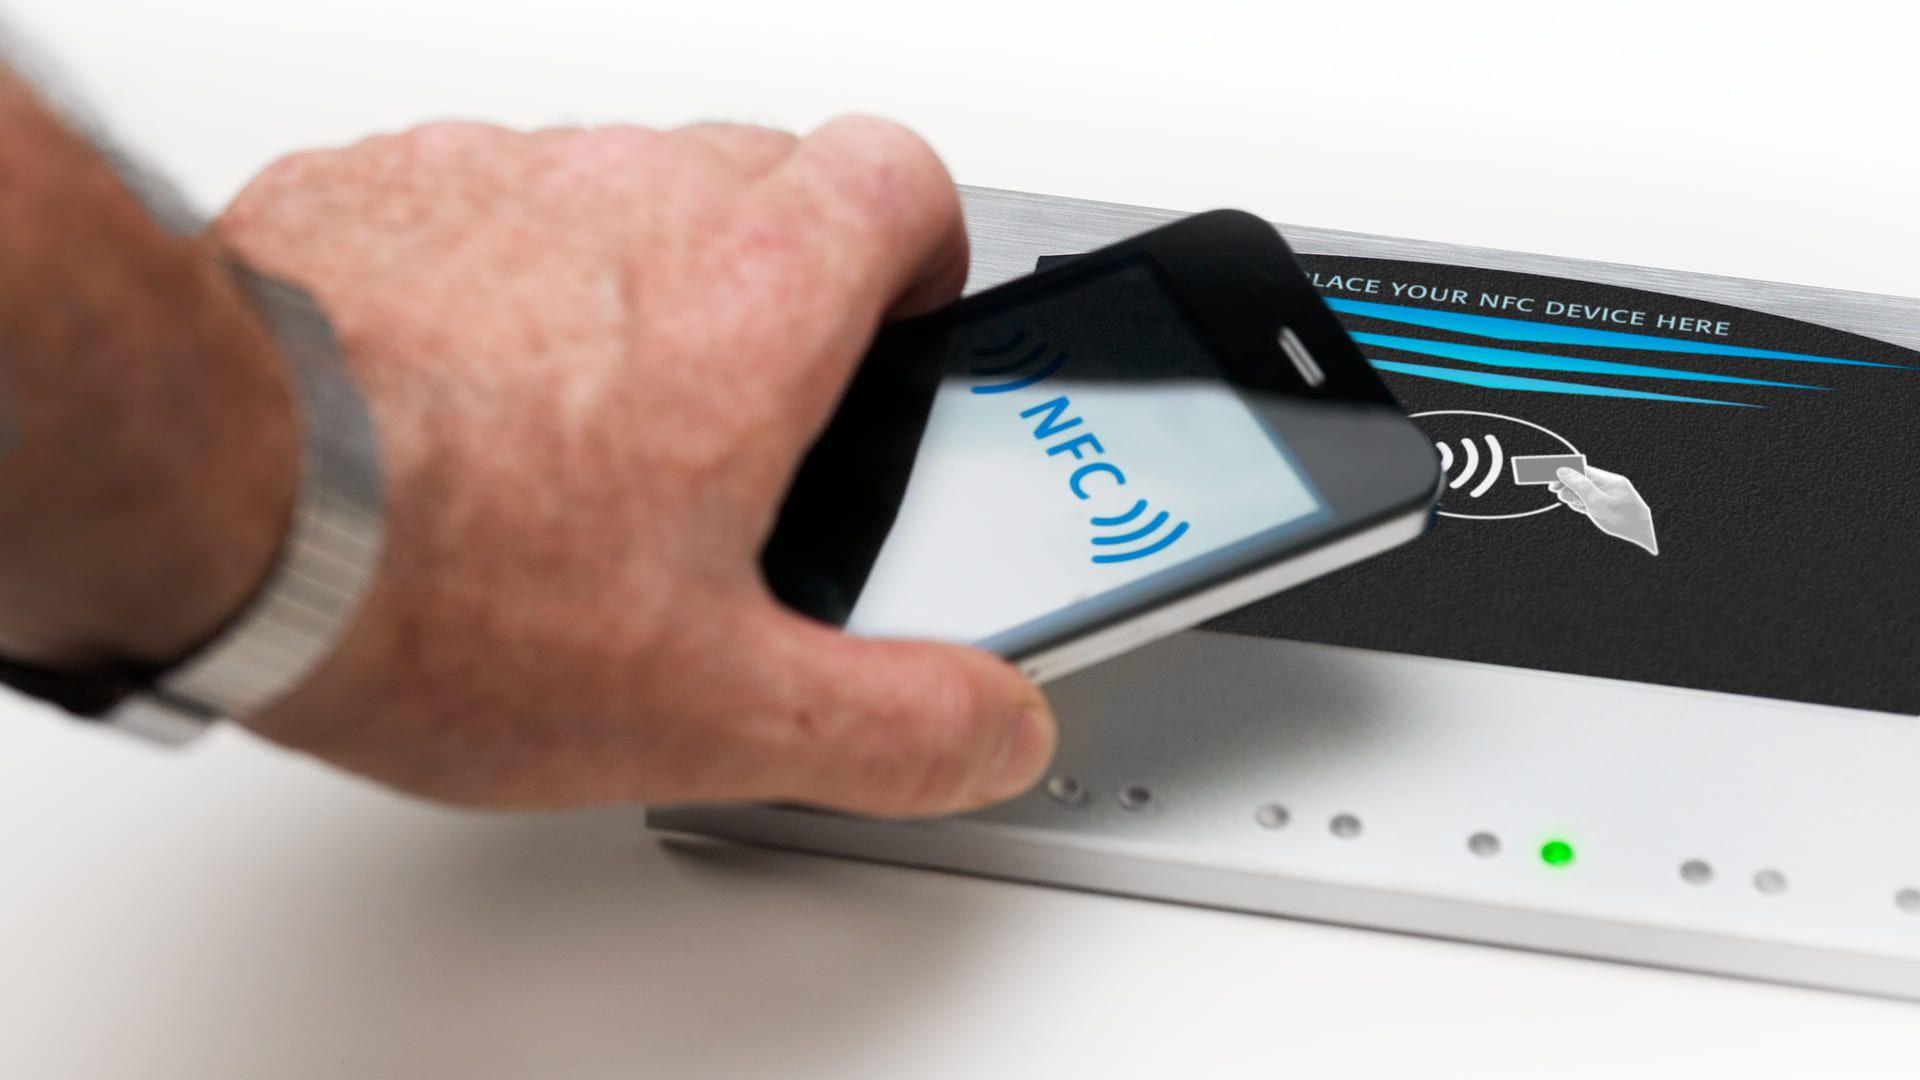 O NFC é a tecnologia do futuro para dar mais comodidade no cotidiano (Foto: Shutterstock)